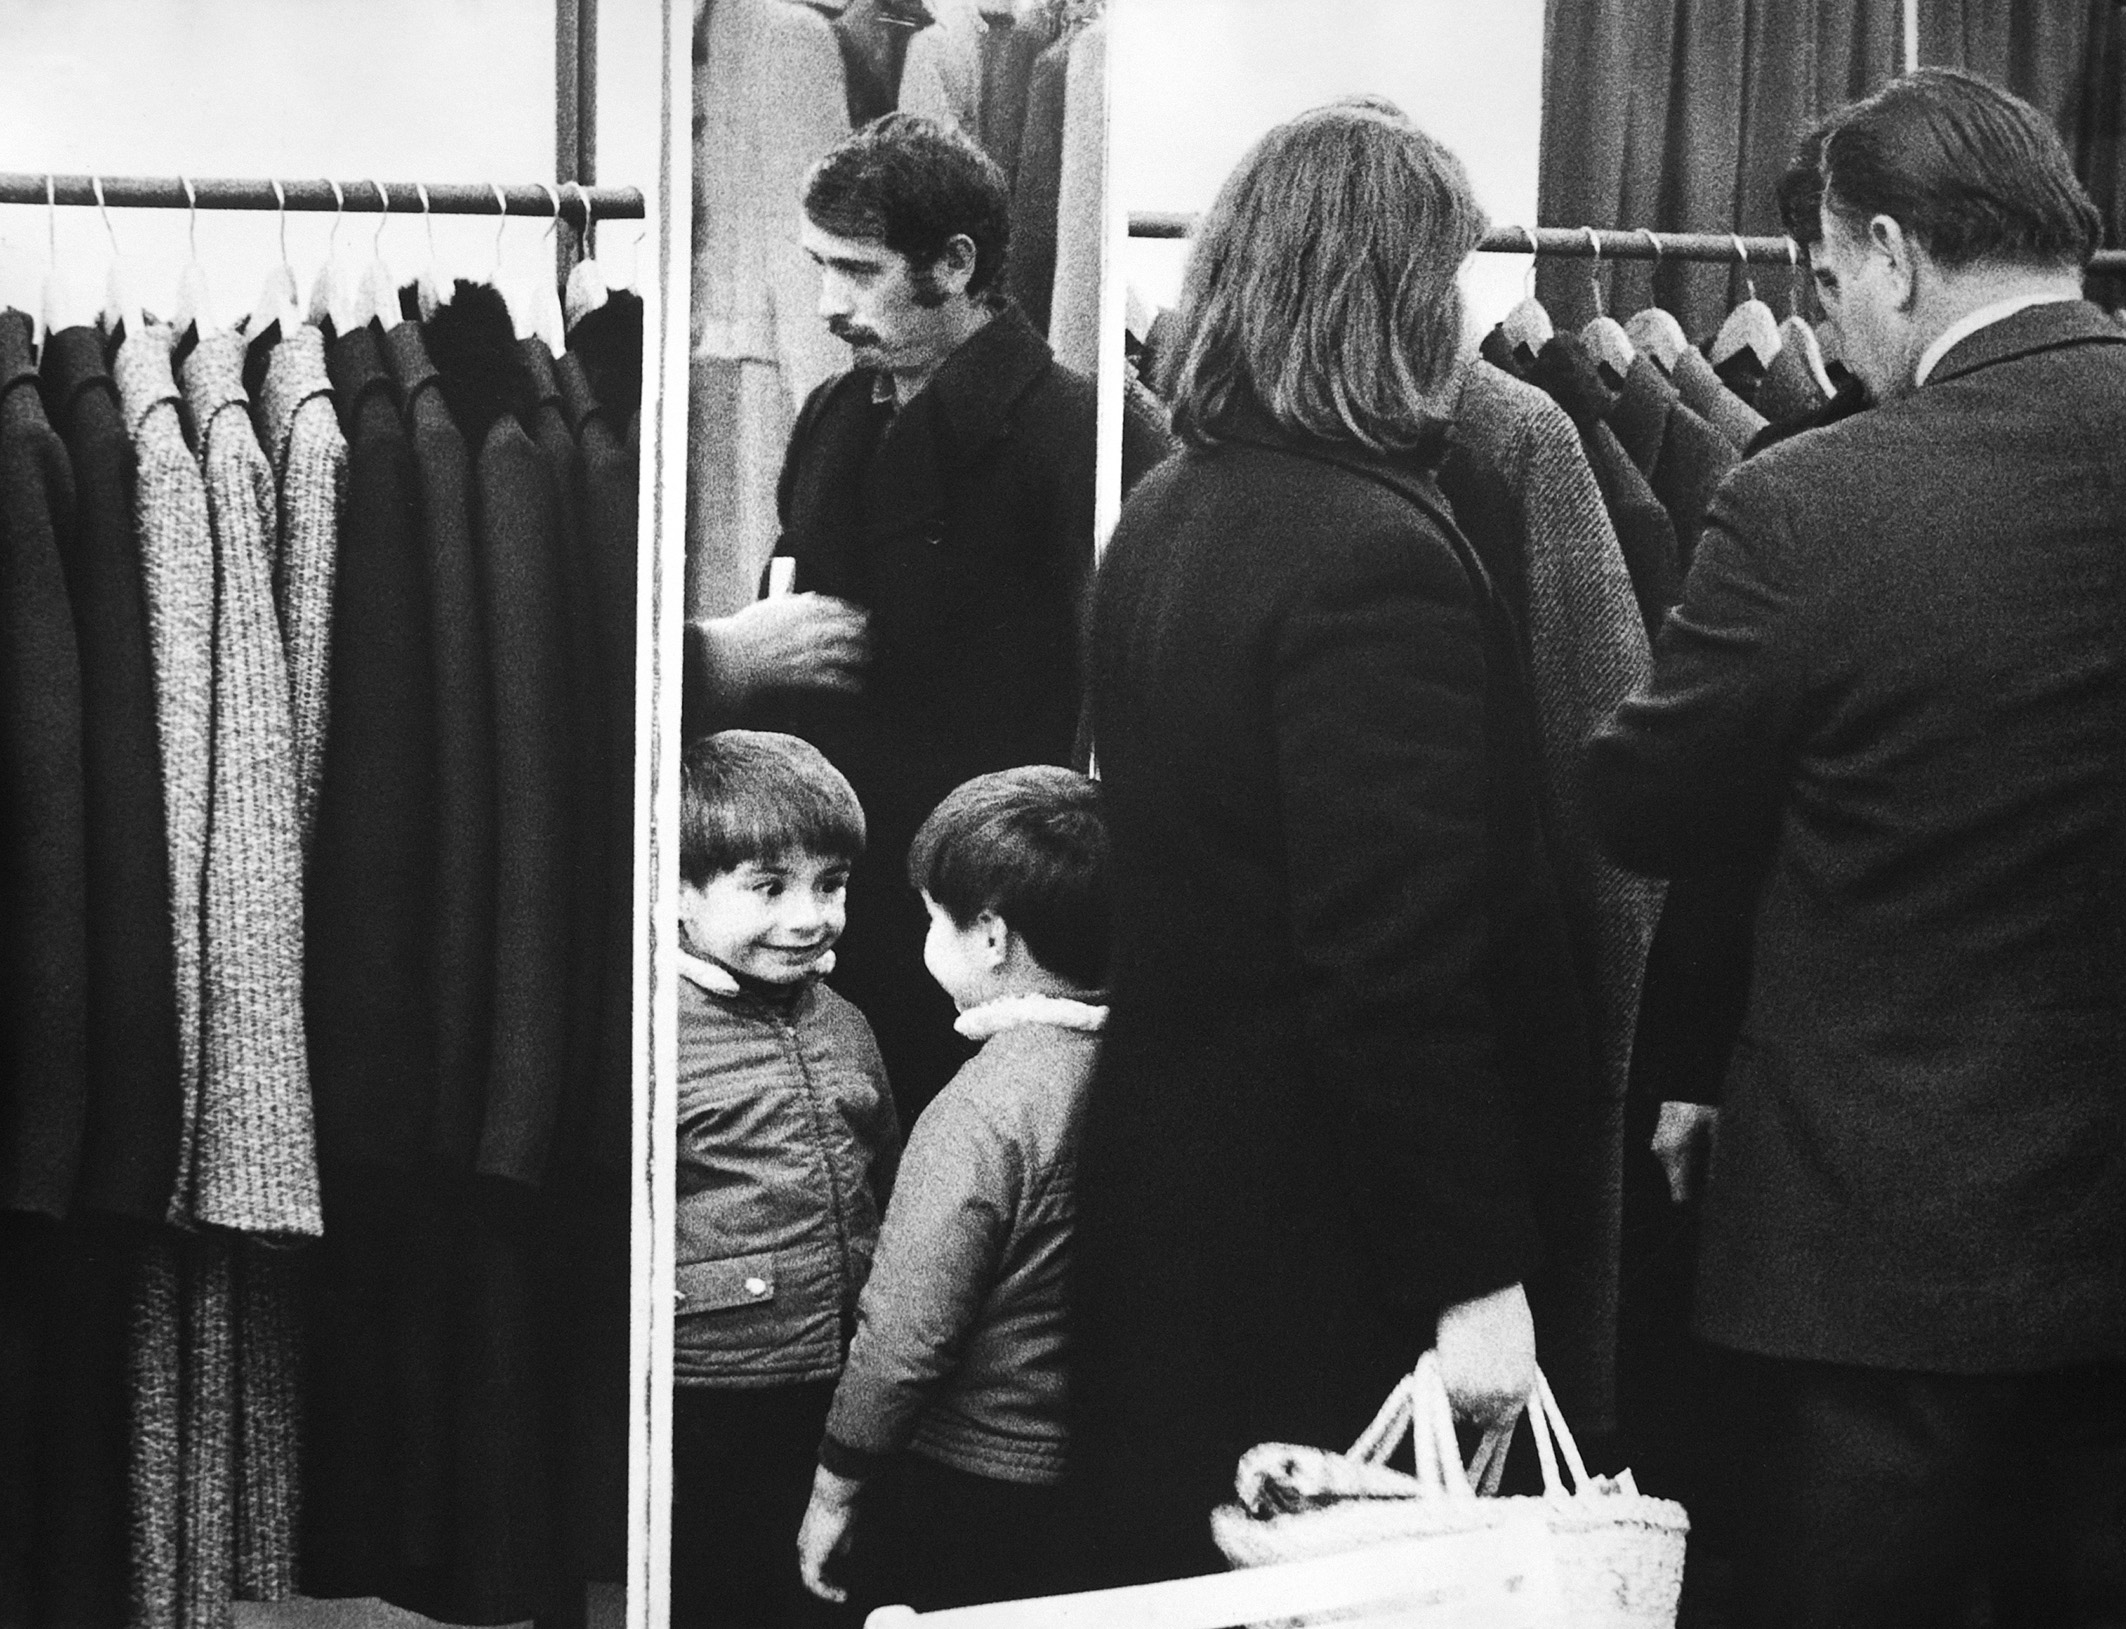 Fotó: Lazukics Anna: A felnőttek unalmasak, Újvidék, Vajdaság, Bácska, 1975